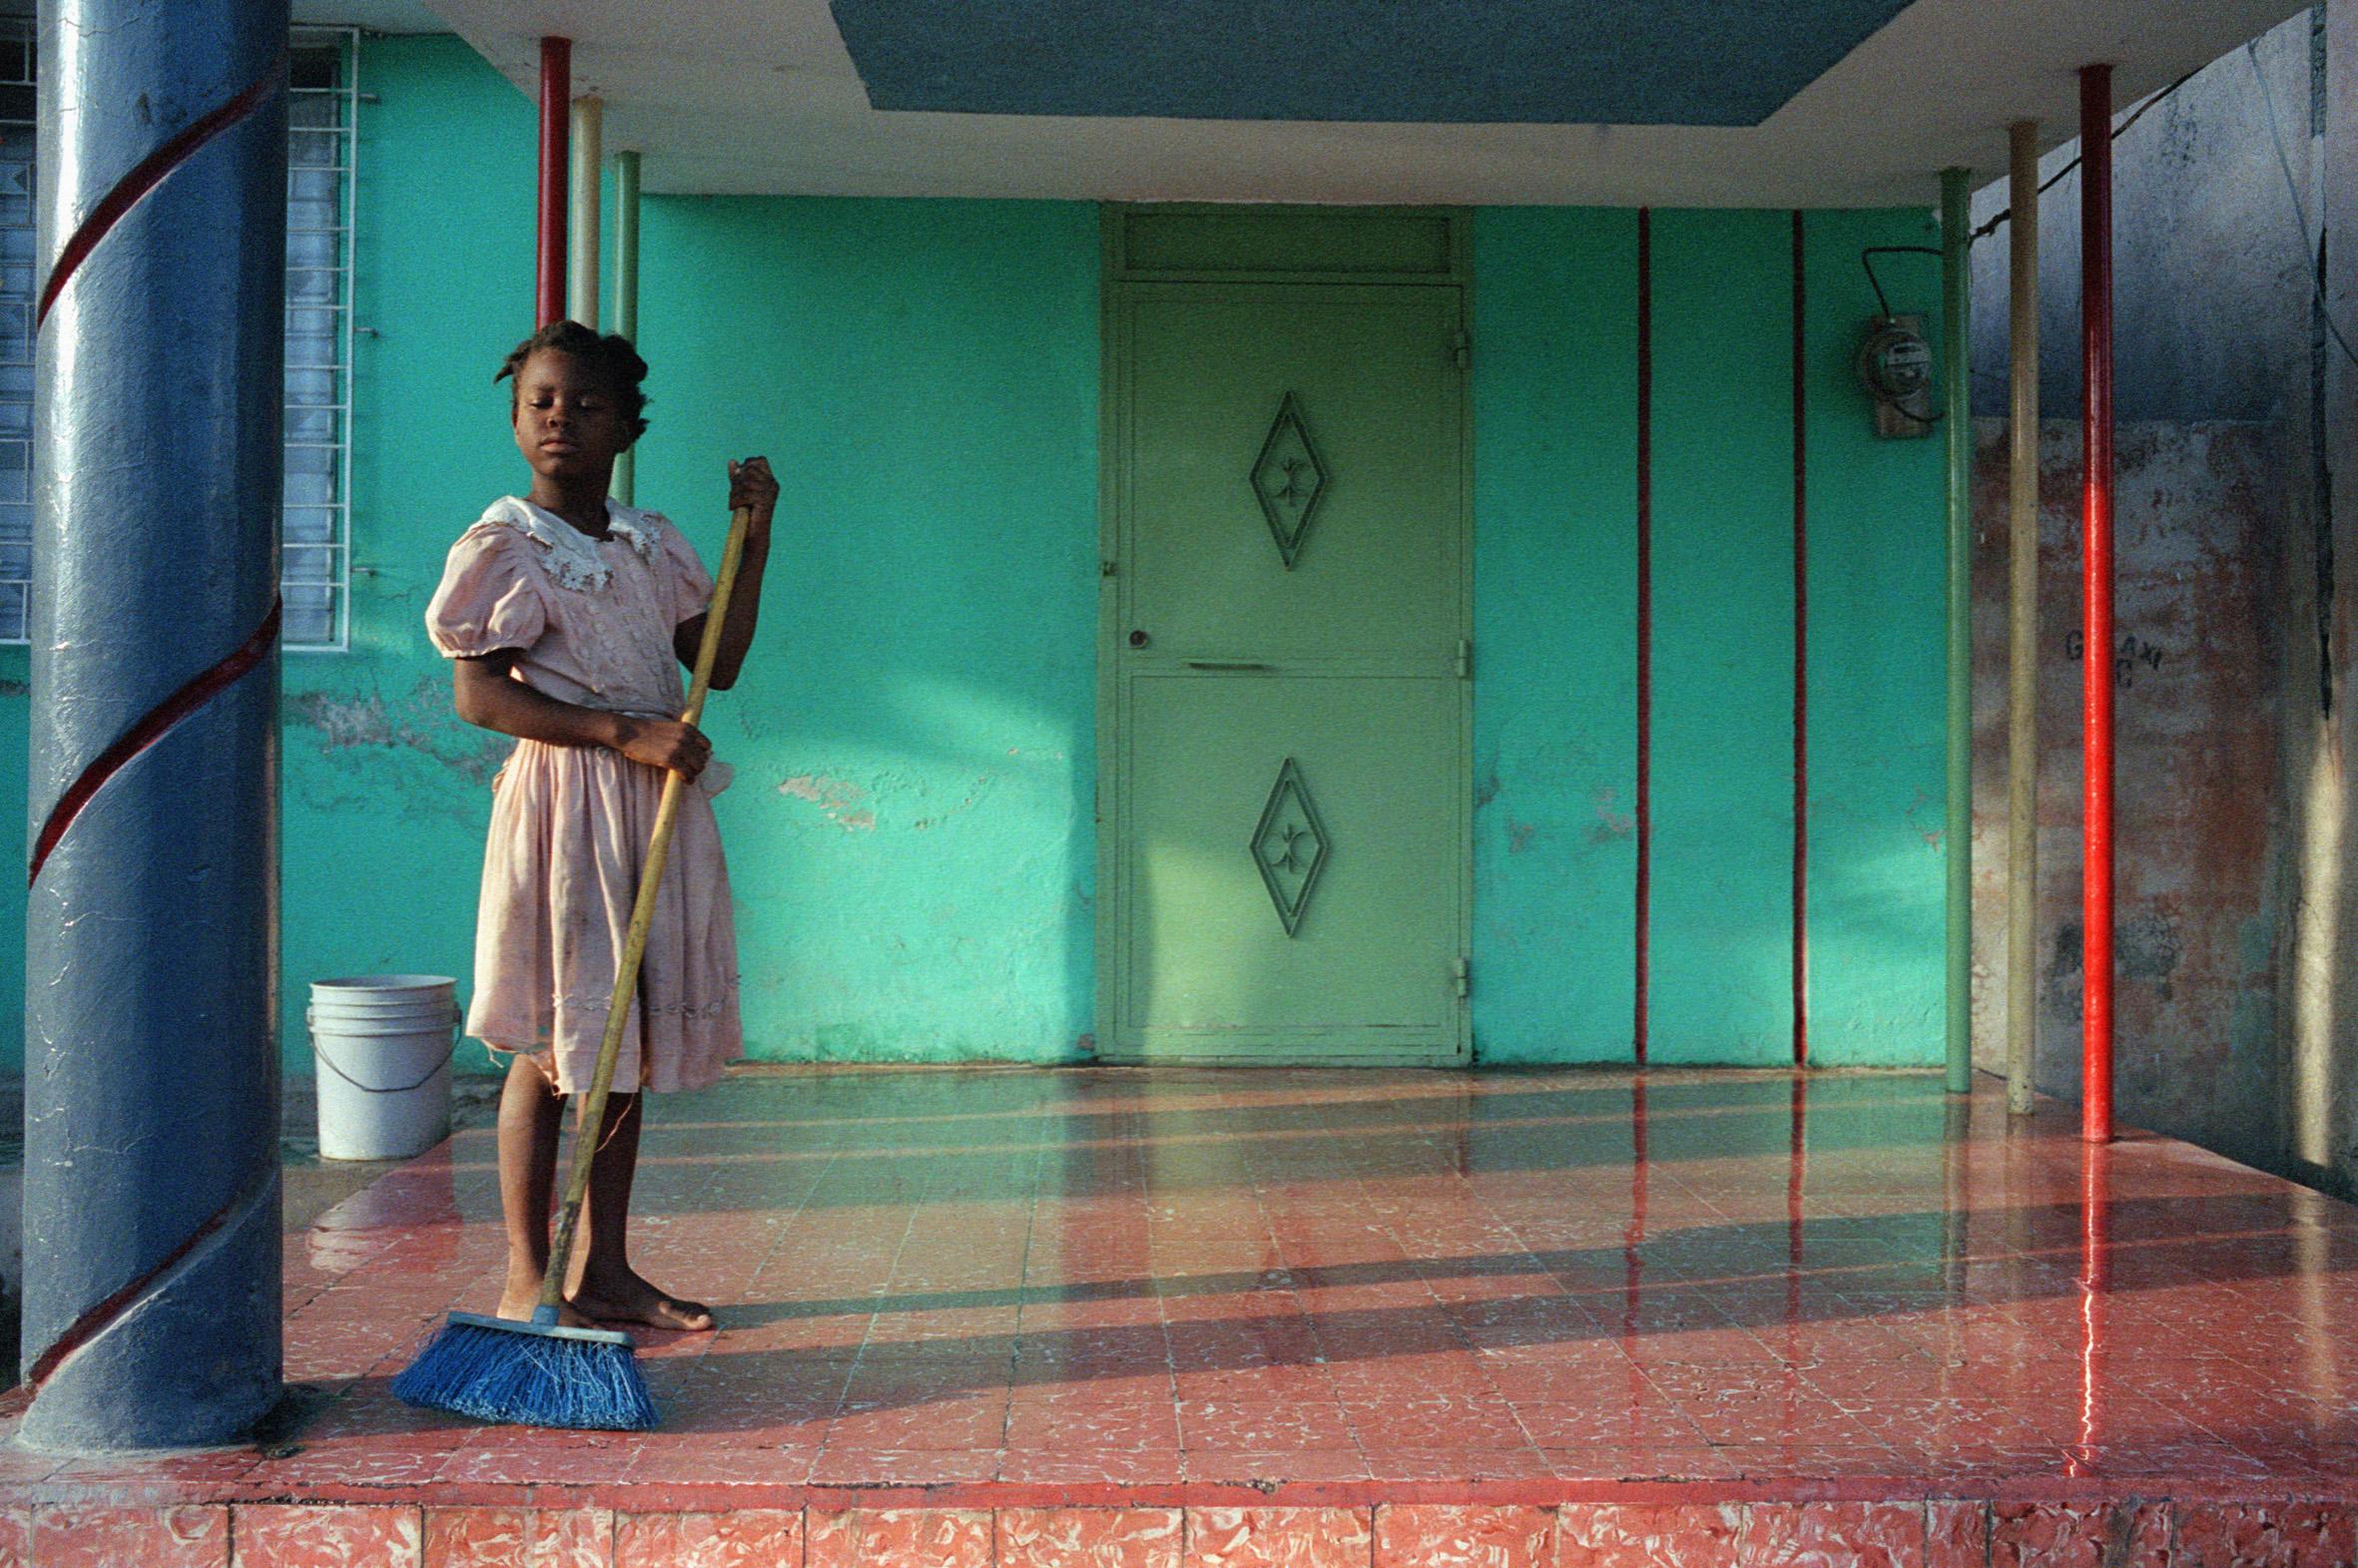 Gonaïves, une ville déŽvastŽée par l'ouragan Jeanne en Septembre 2004, situé en Haiti © Jane Evelyn Atwood